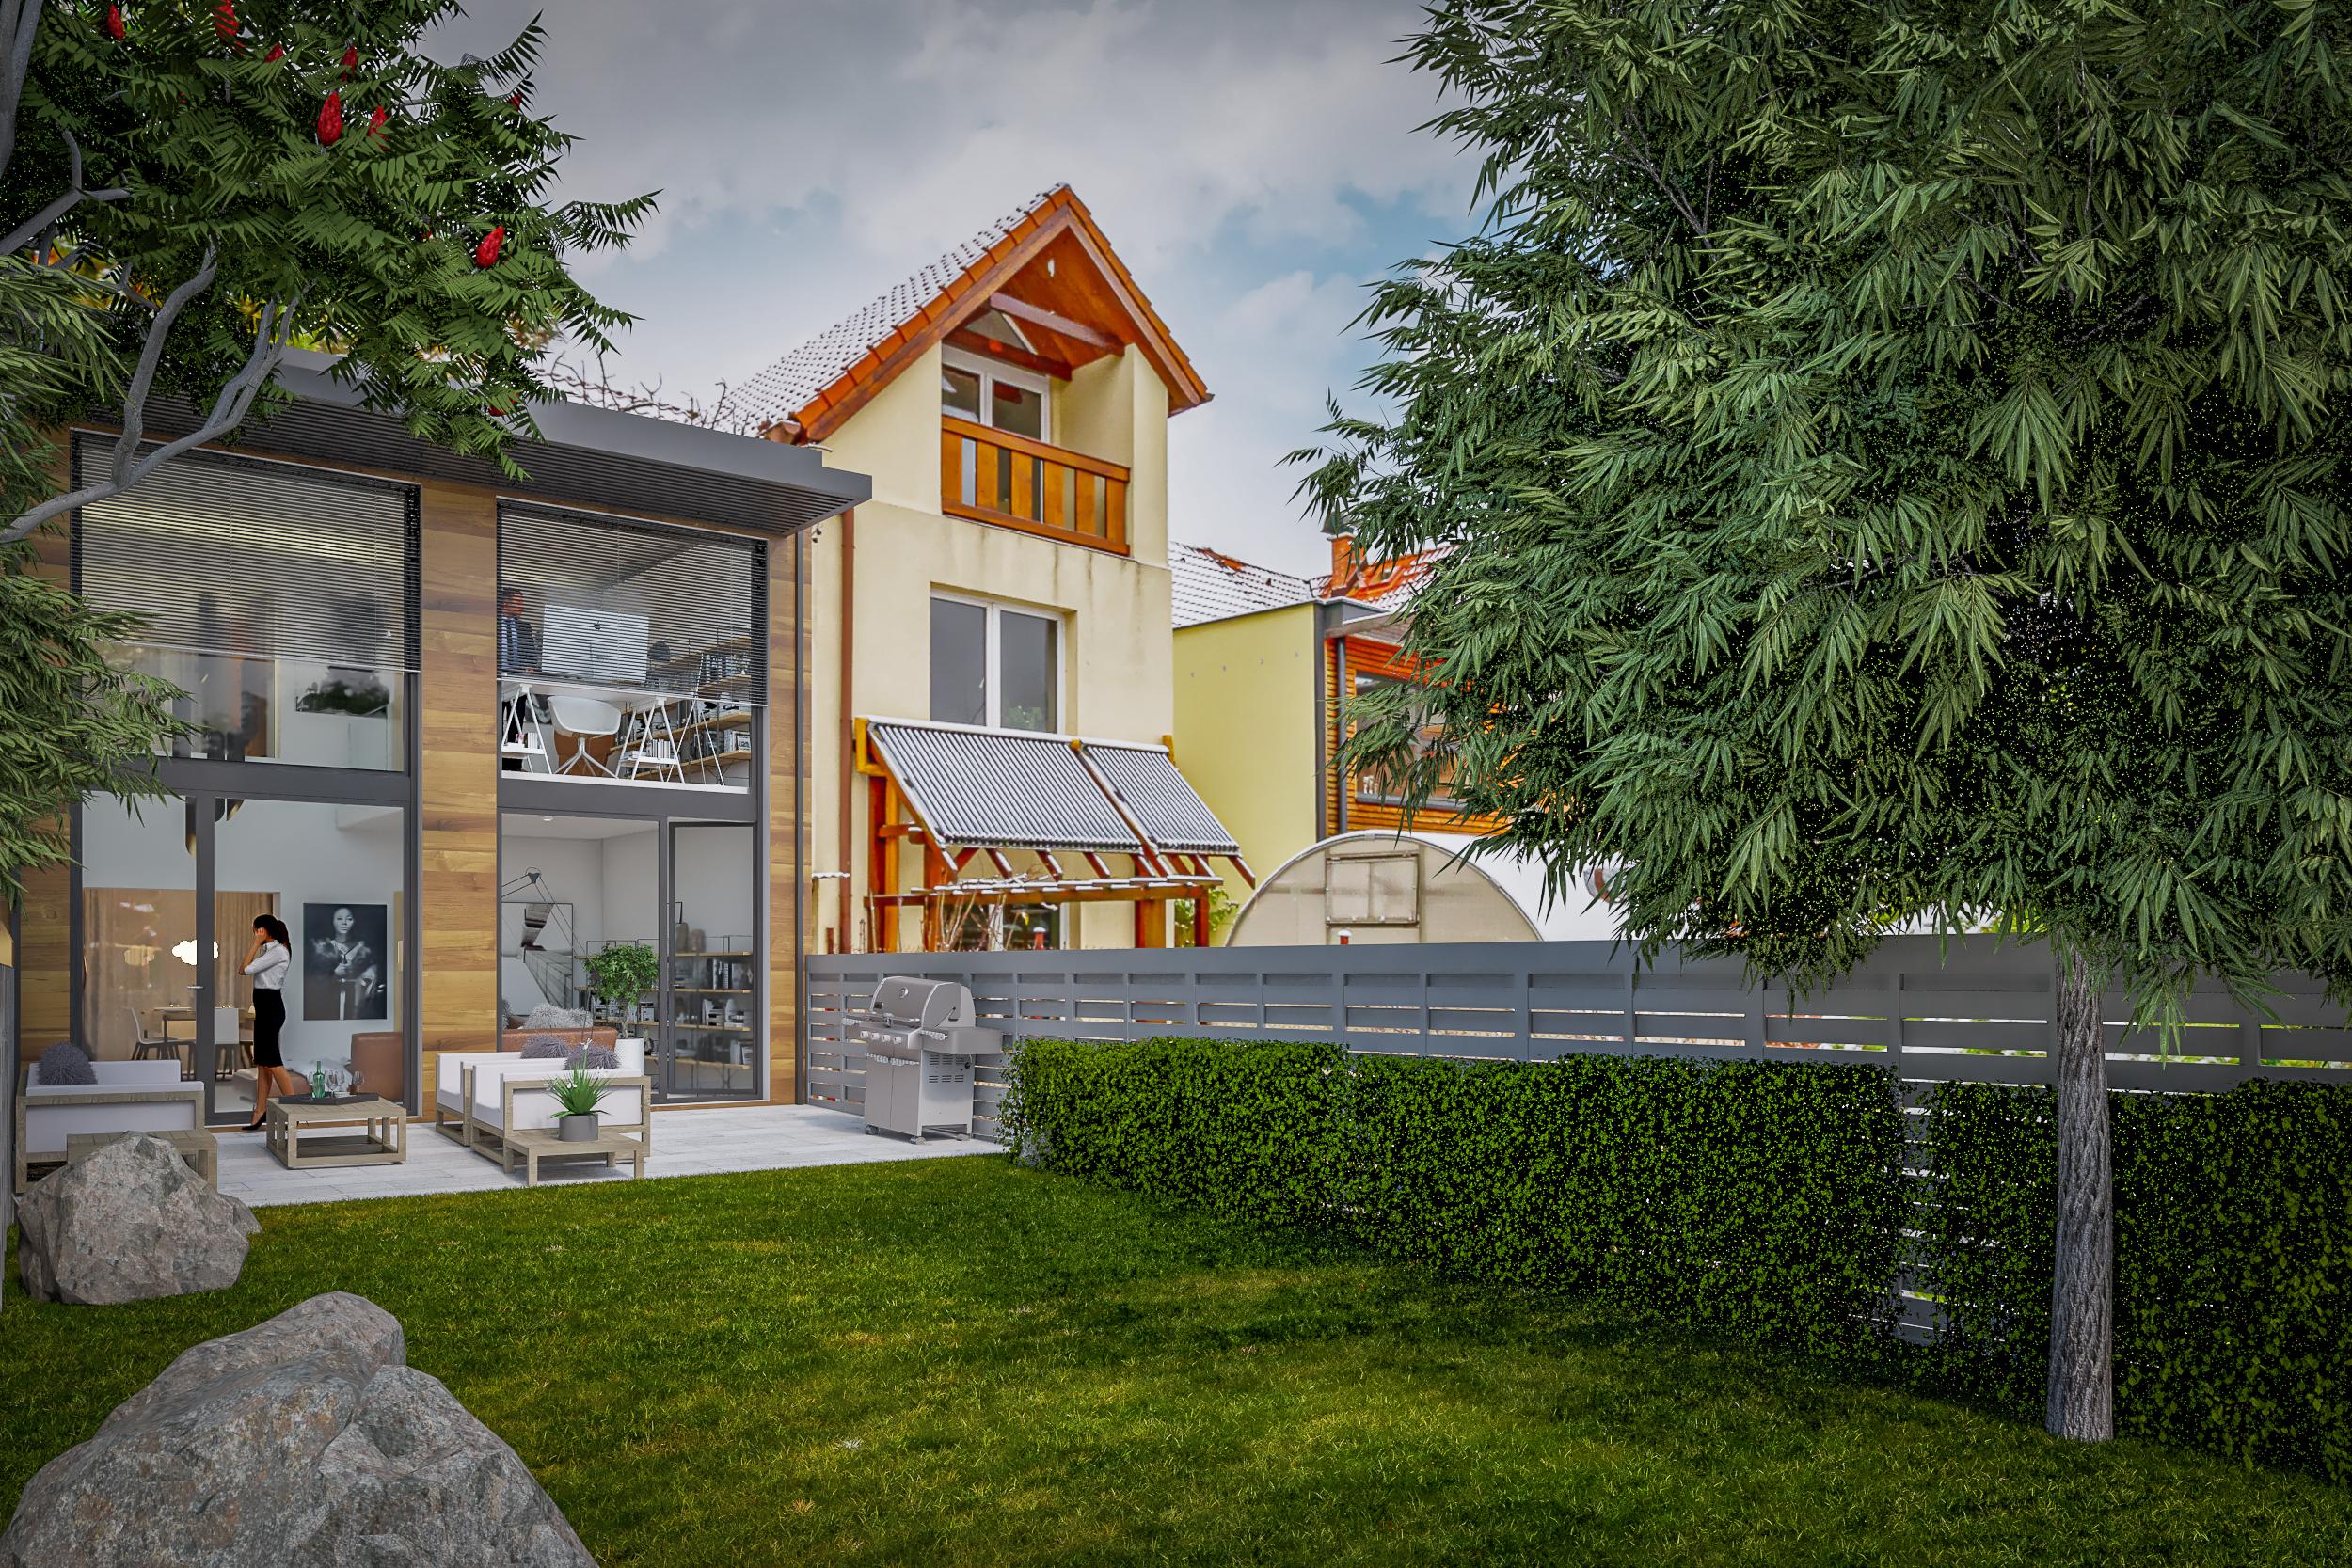 Možná vizualizace domu po rekonstrukci